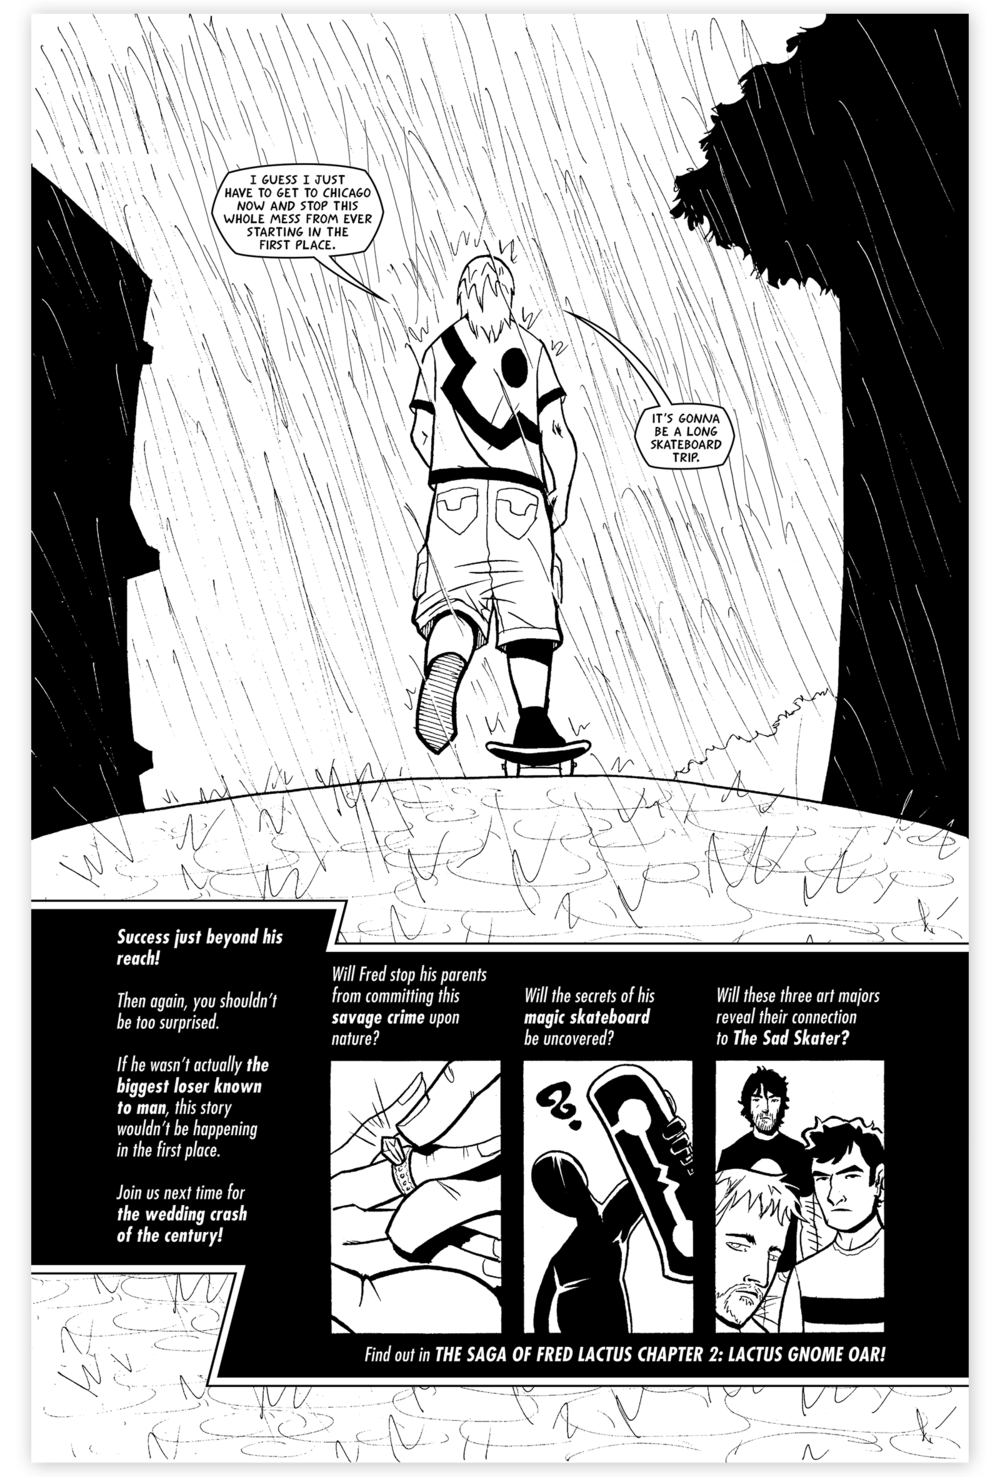 06-The-Saga-of-Fred-Lactus-1-10